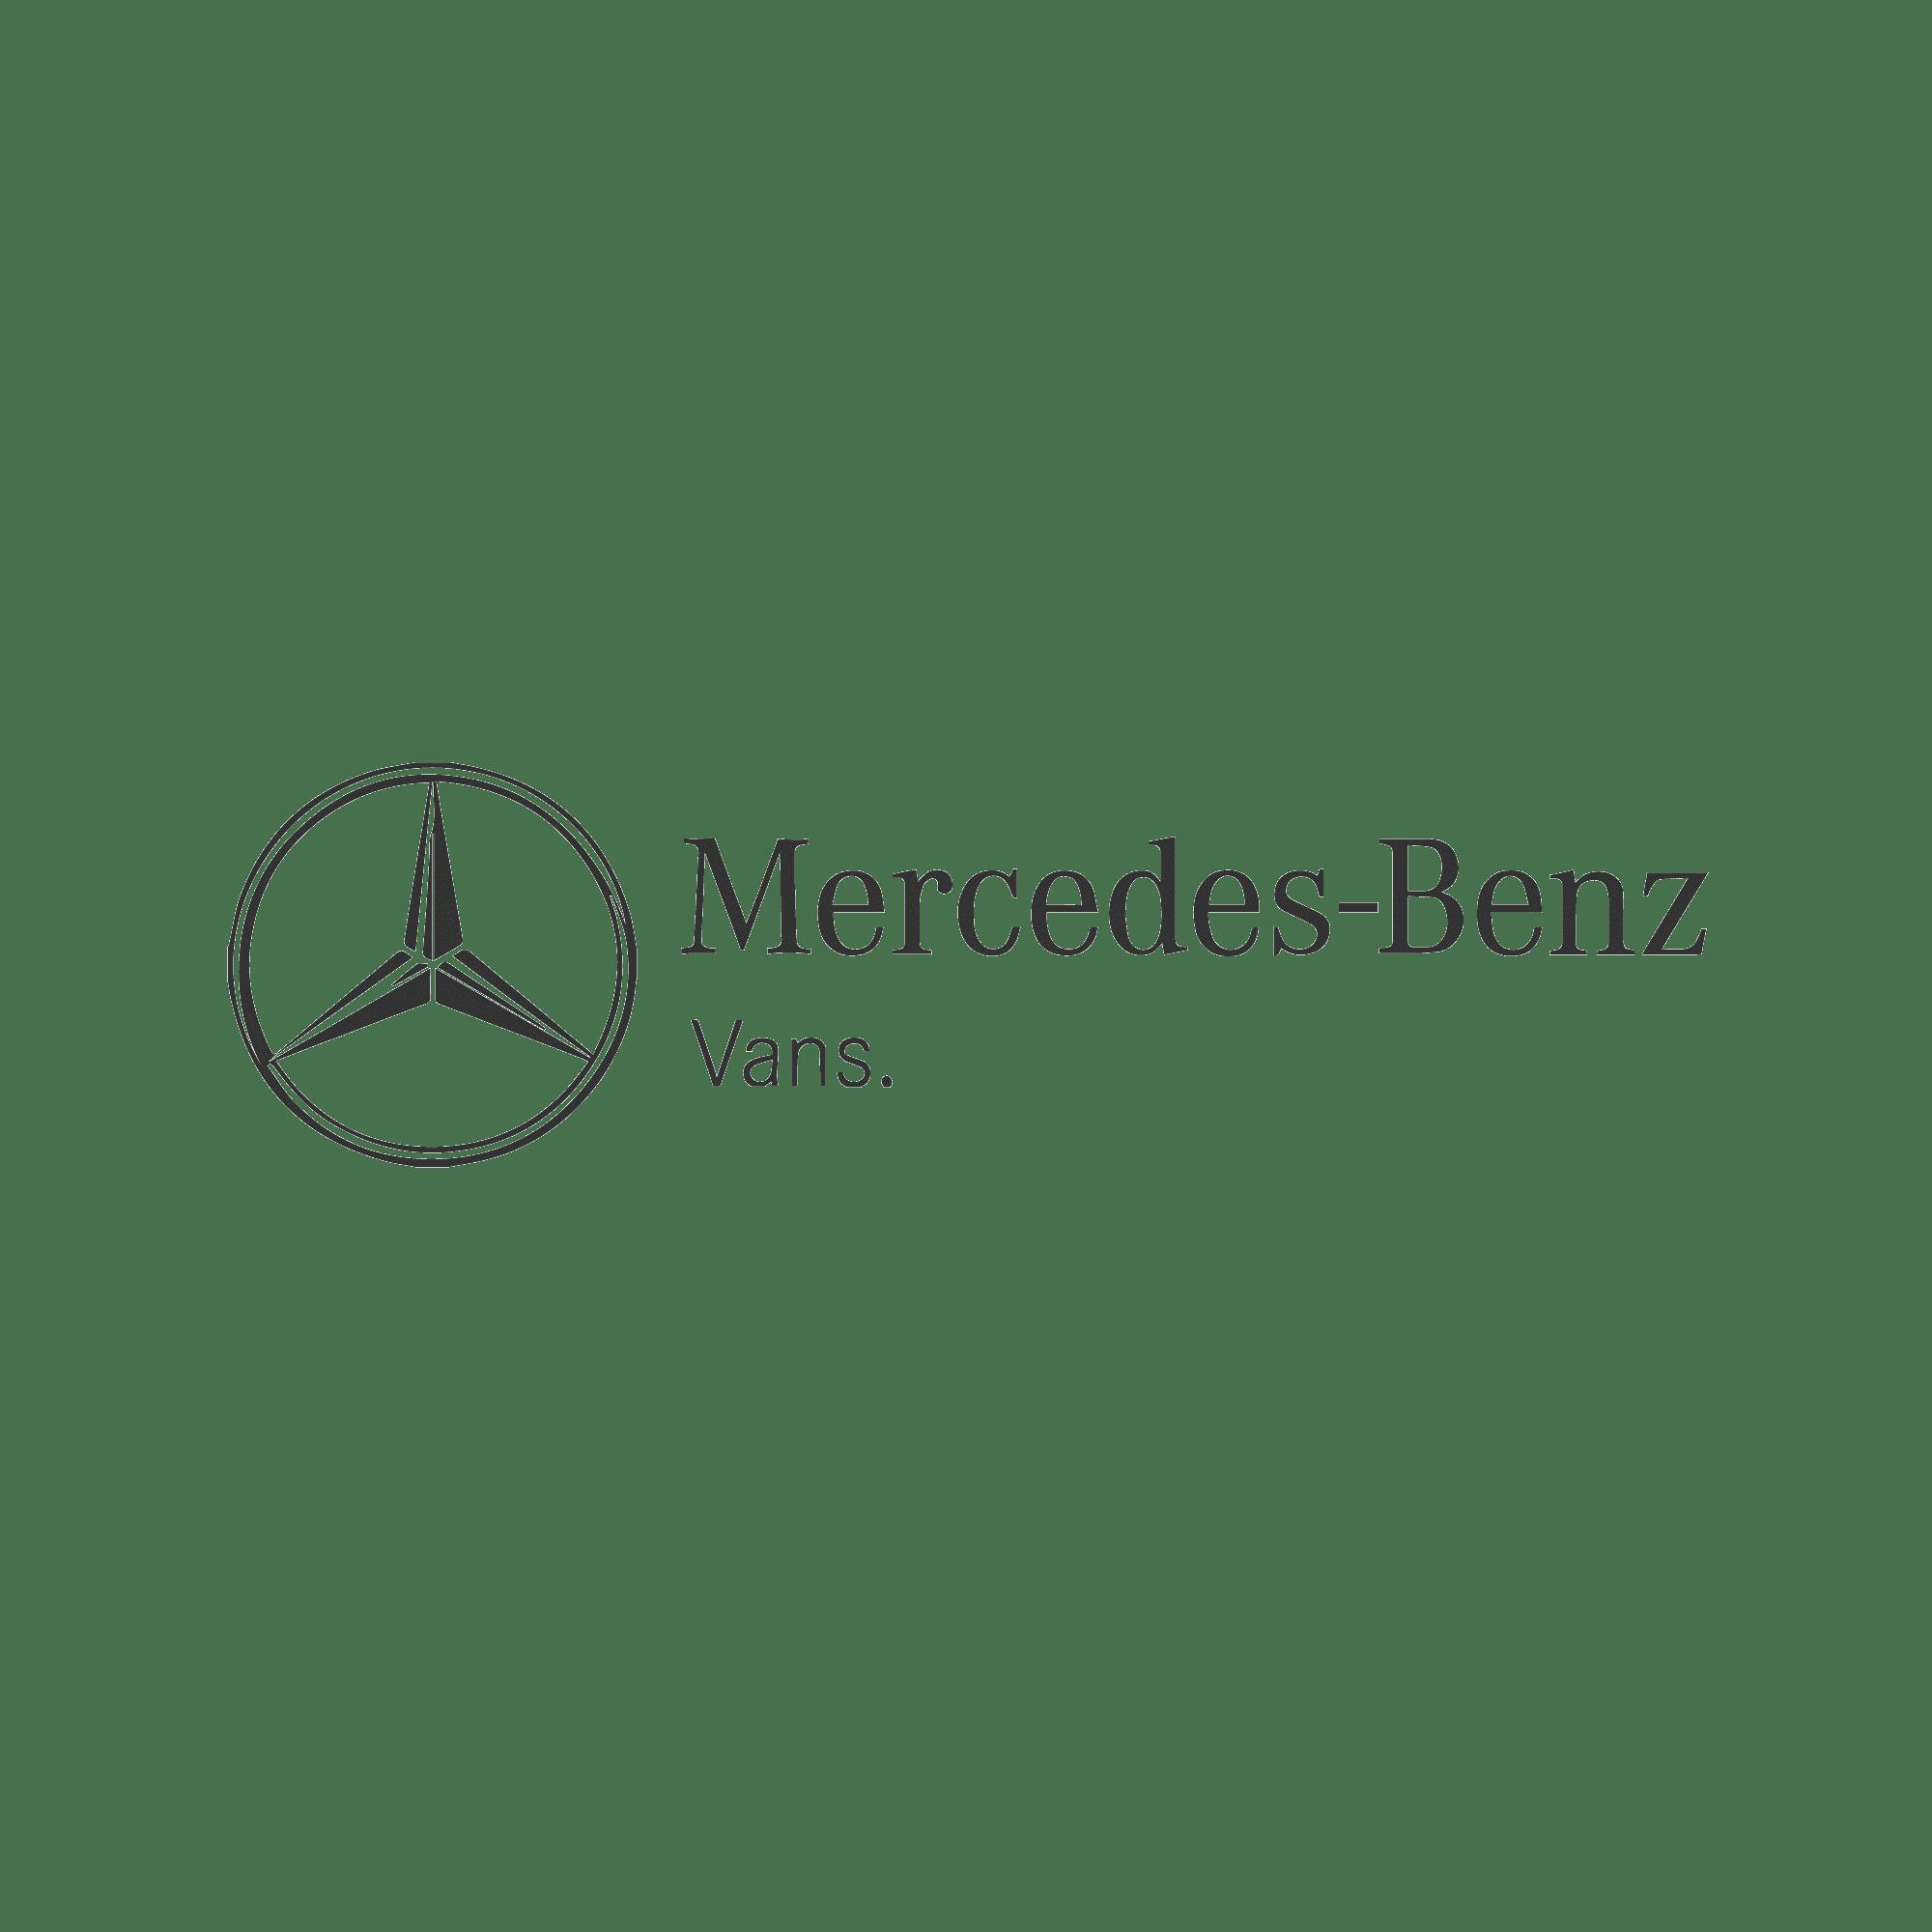 16zu9 mercedes-Benz vans kundenlogo